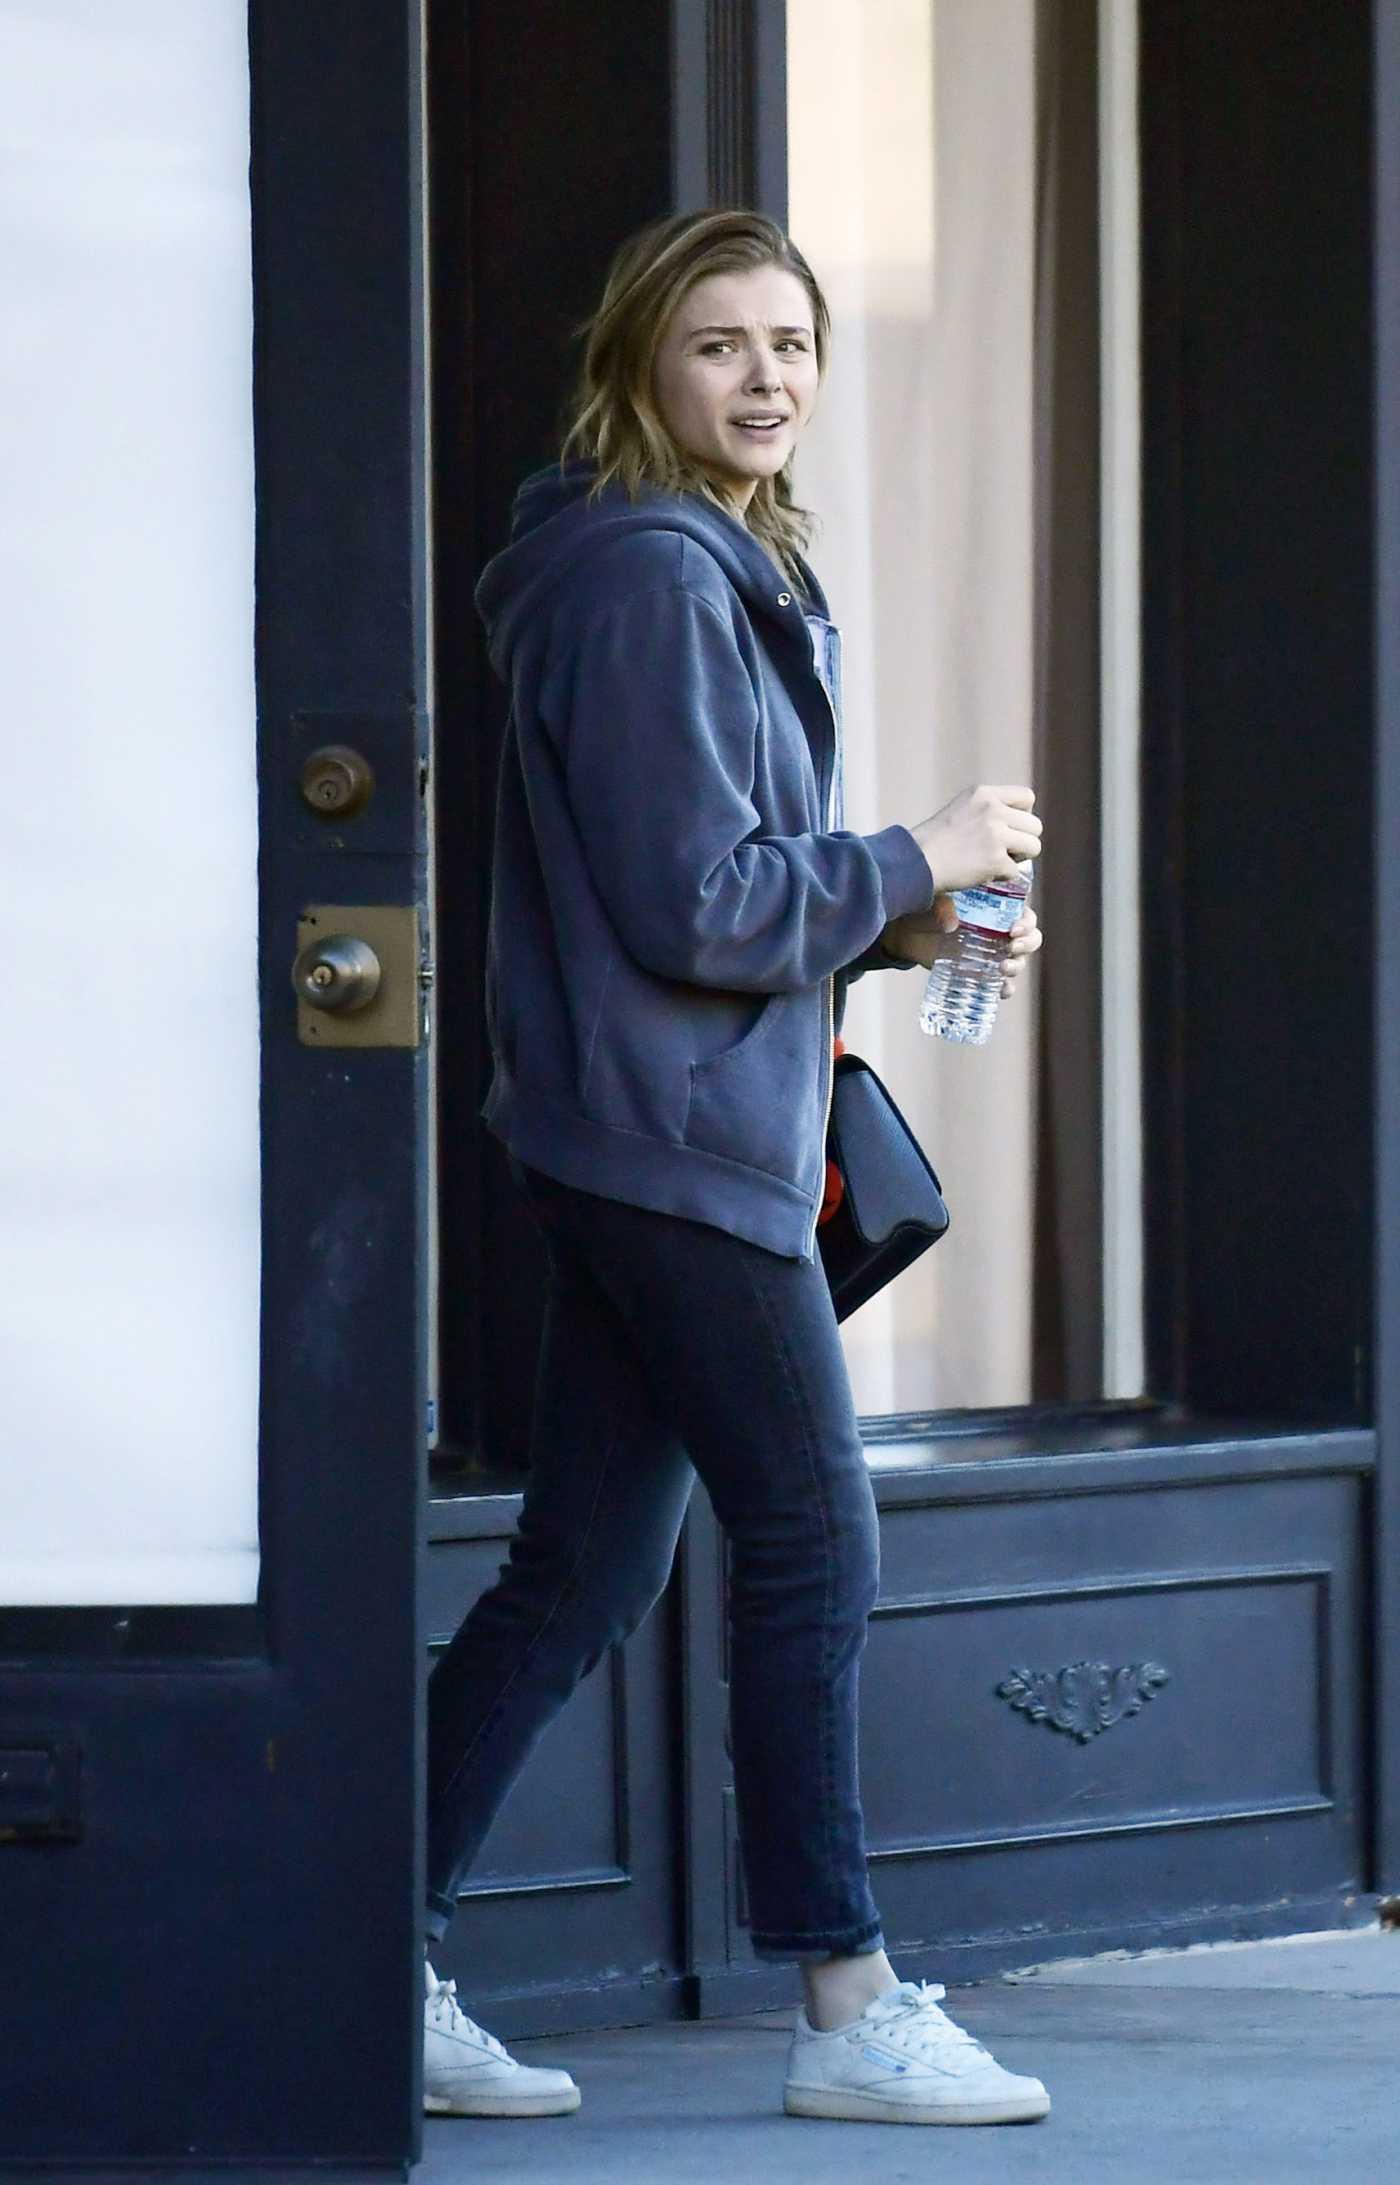 Chloe Moretz in a White Sneakers Was Seen Out in LA 02/04/2020